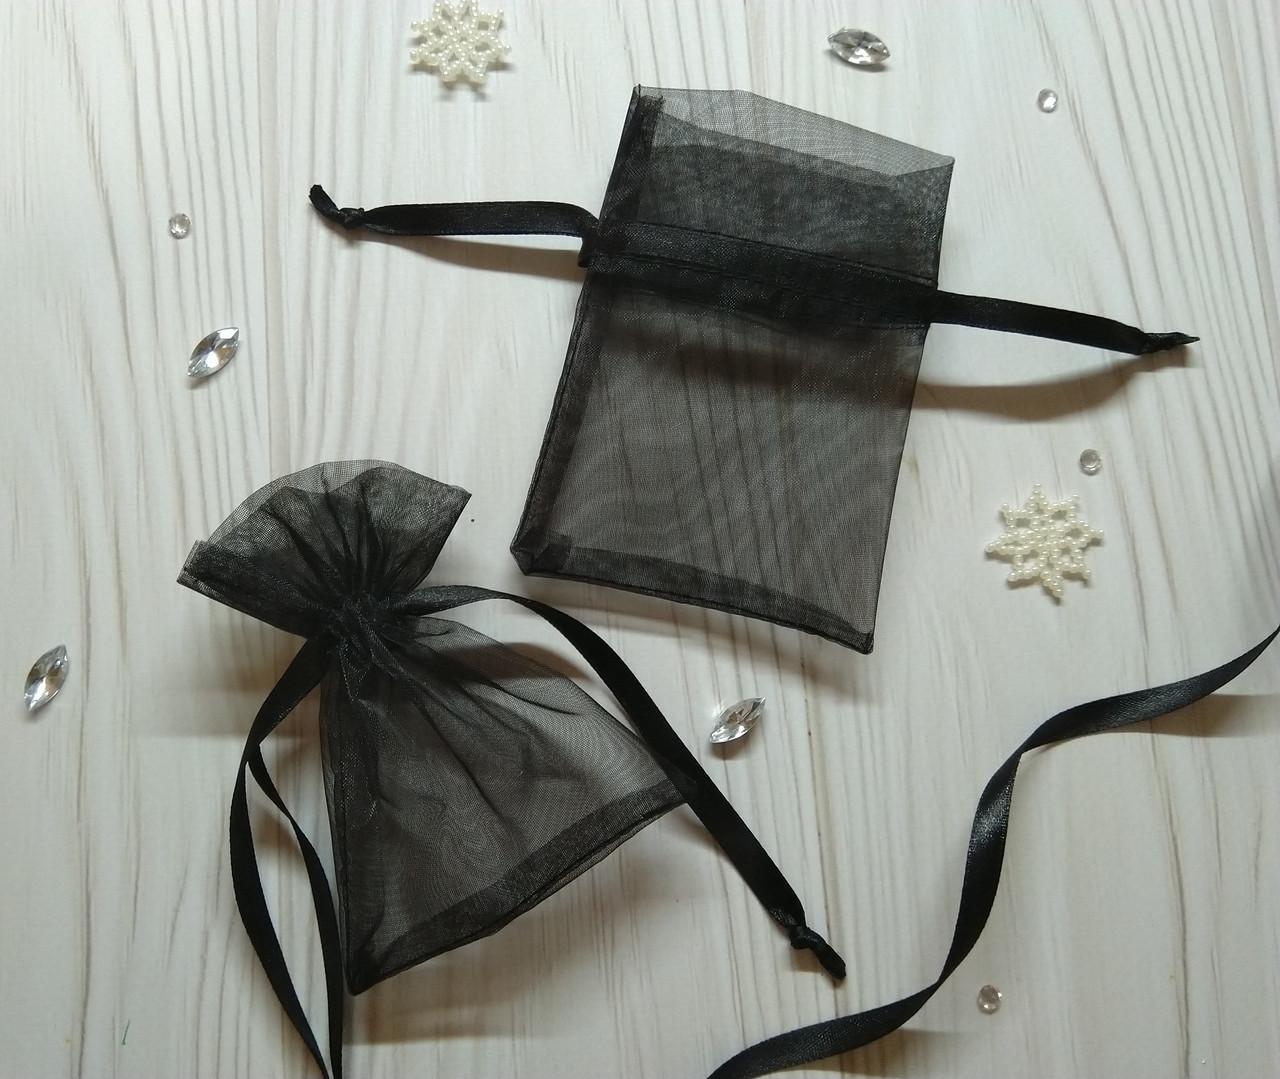 Подарочный мешочек из органзы 8 х 12 (Мешочек для упаковки подарка, подарочная упаковка)